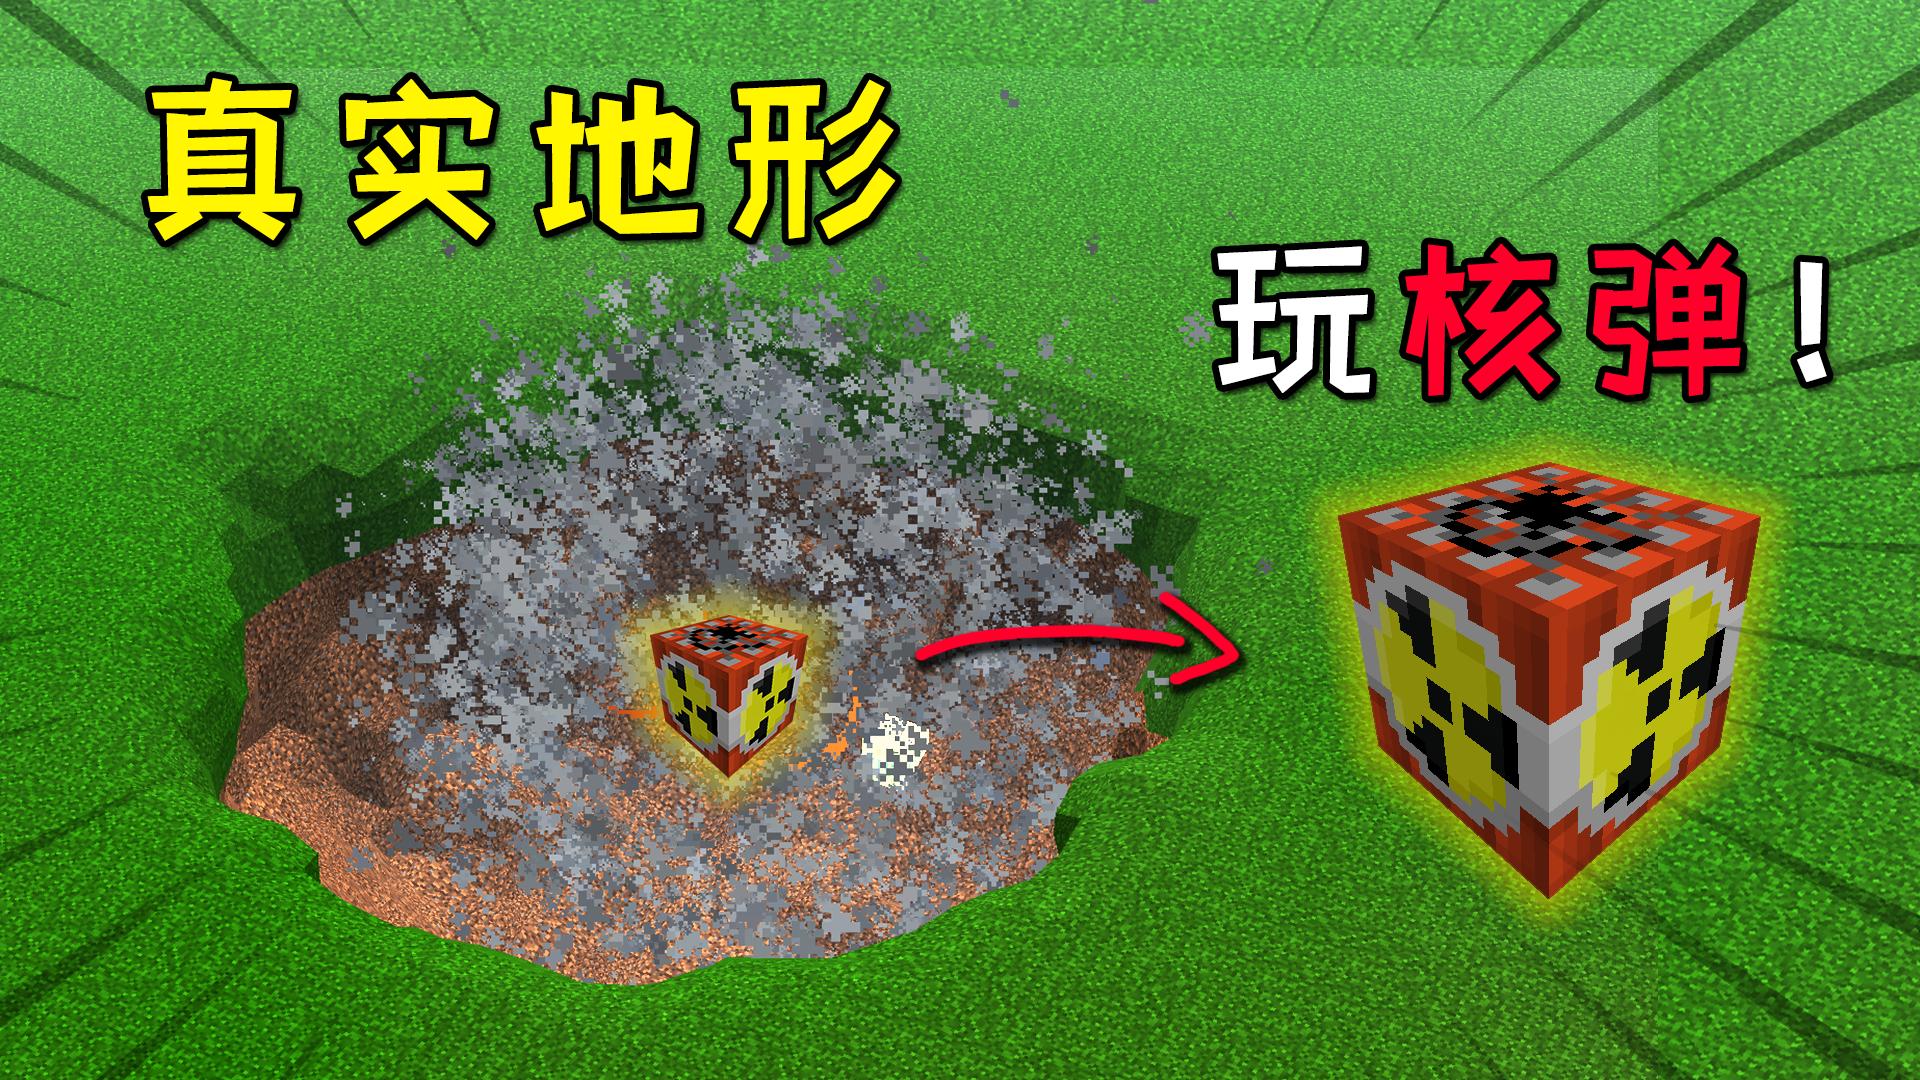 我的世界:在超真实地形,引爆核弹,会变成什么样子?